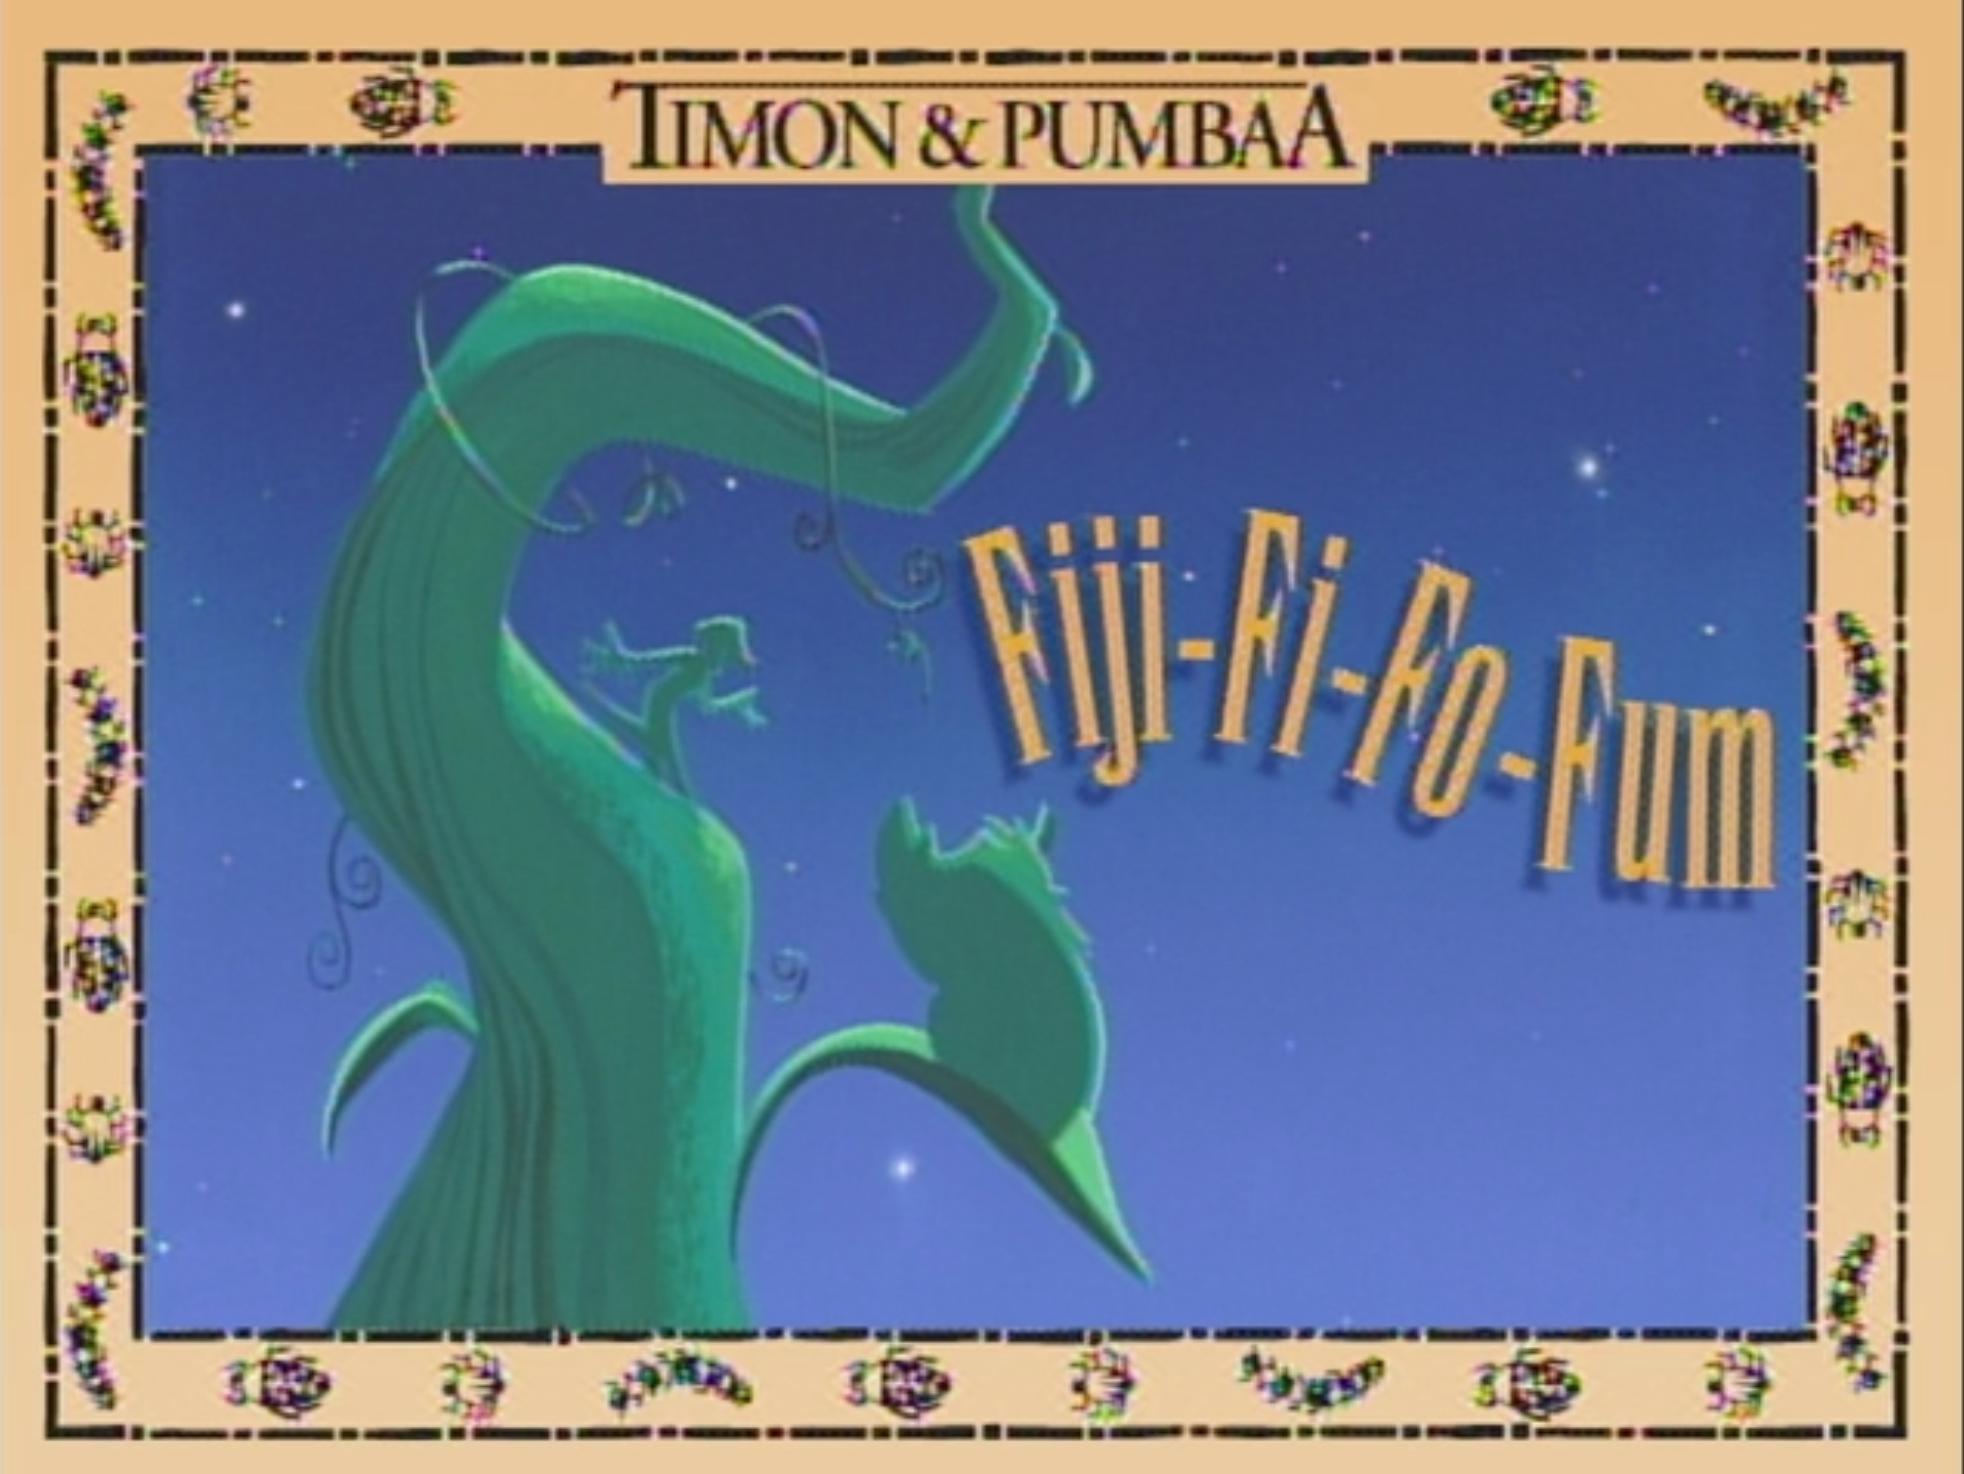 Fiji-Fi-Fo-Fum